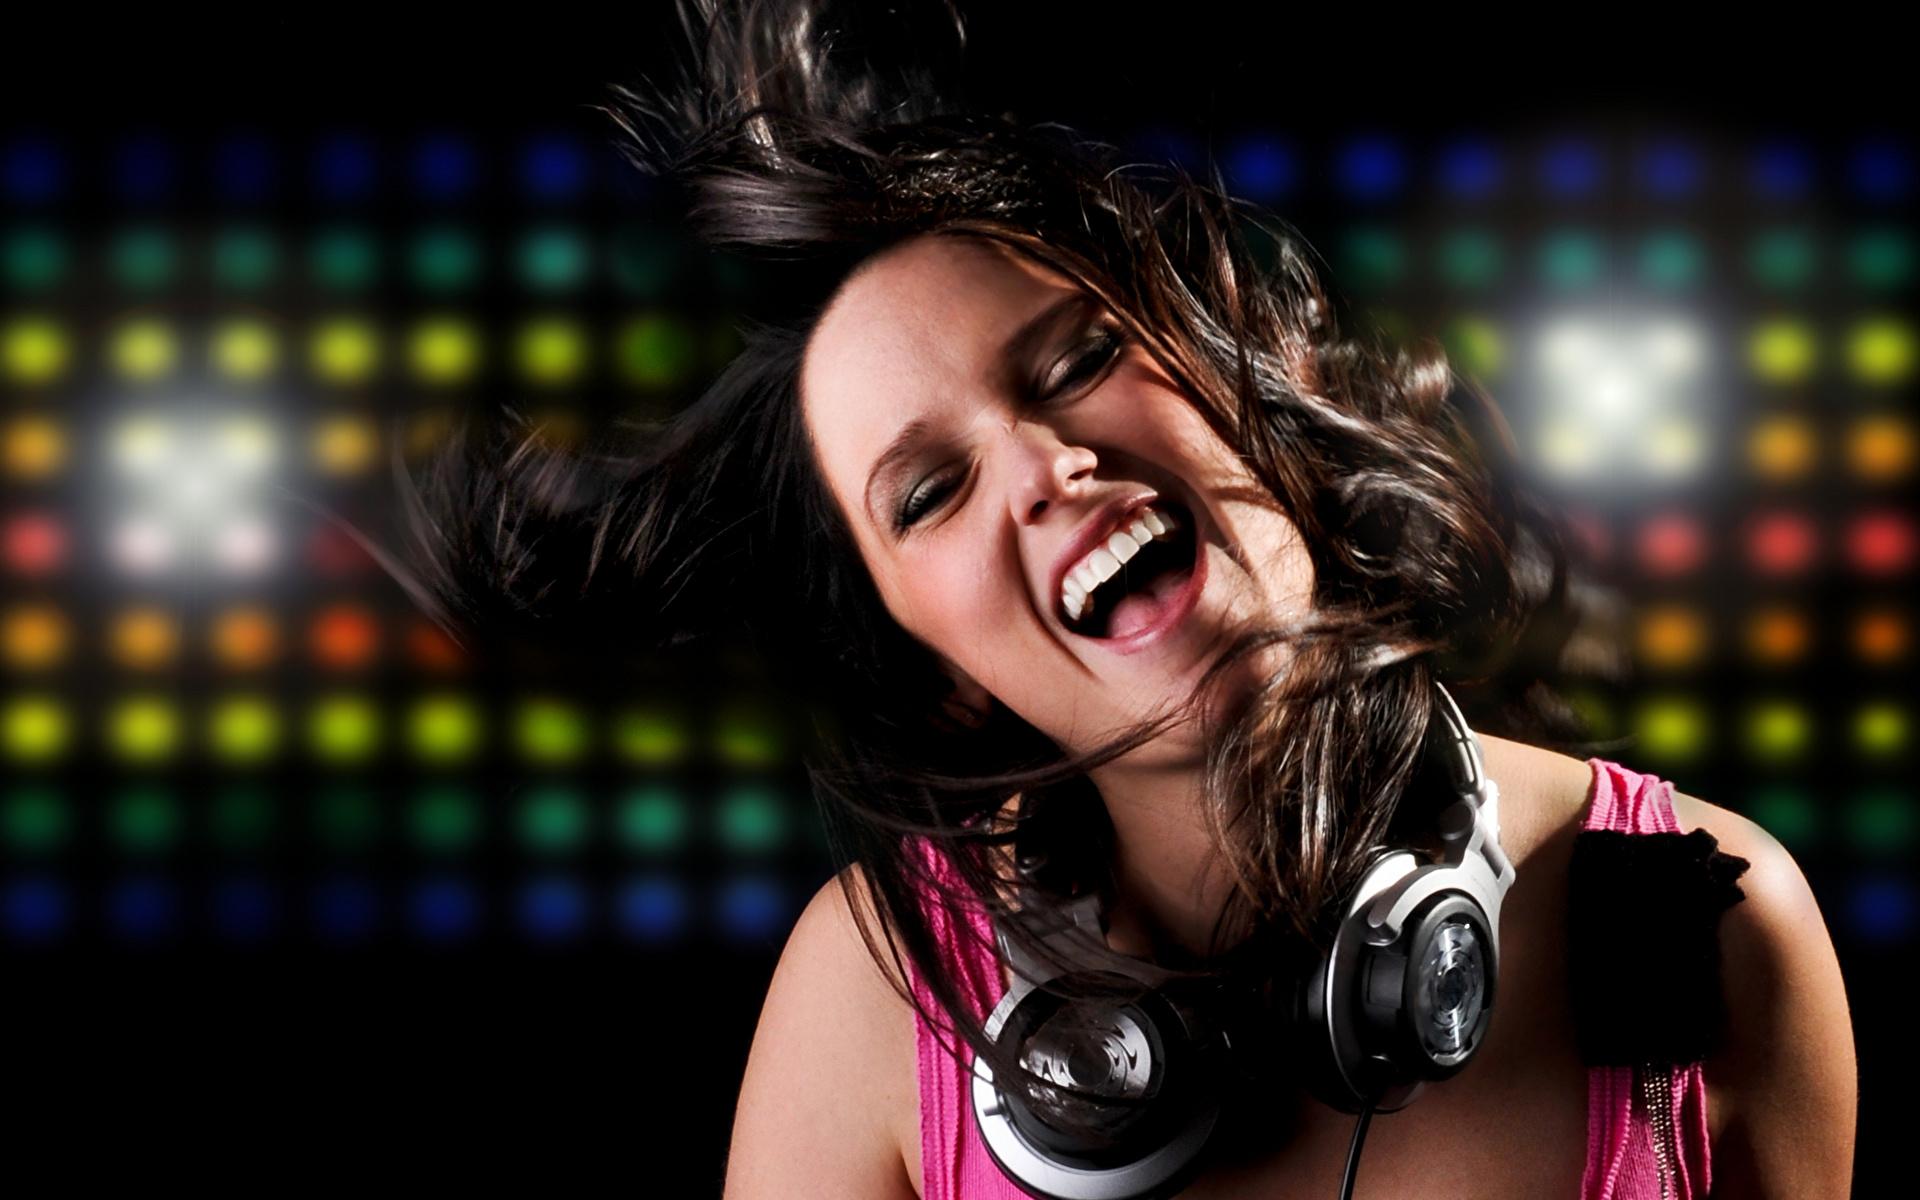 лучшие сайты для скачивания музыки бесплатно